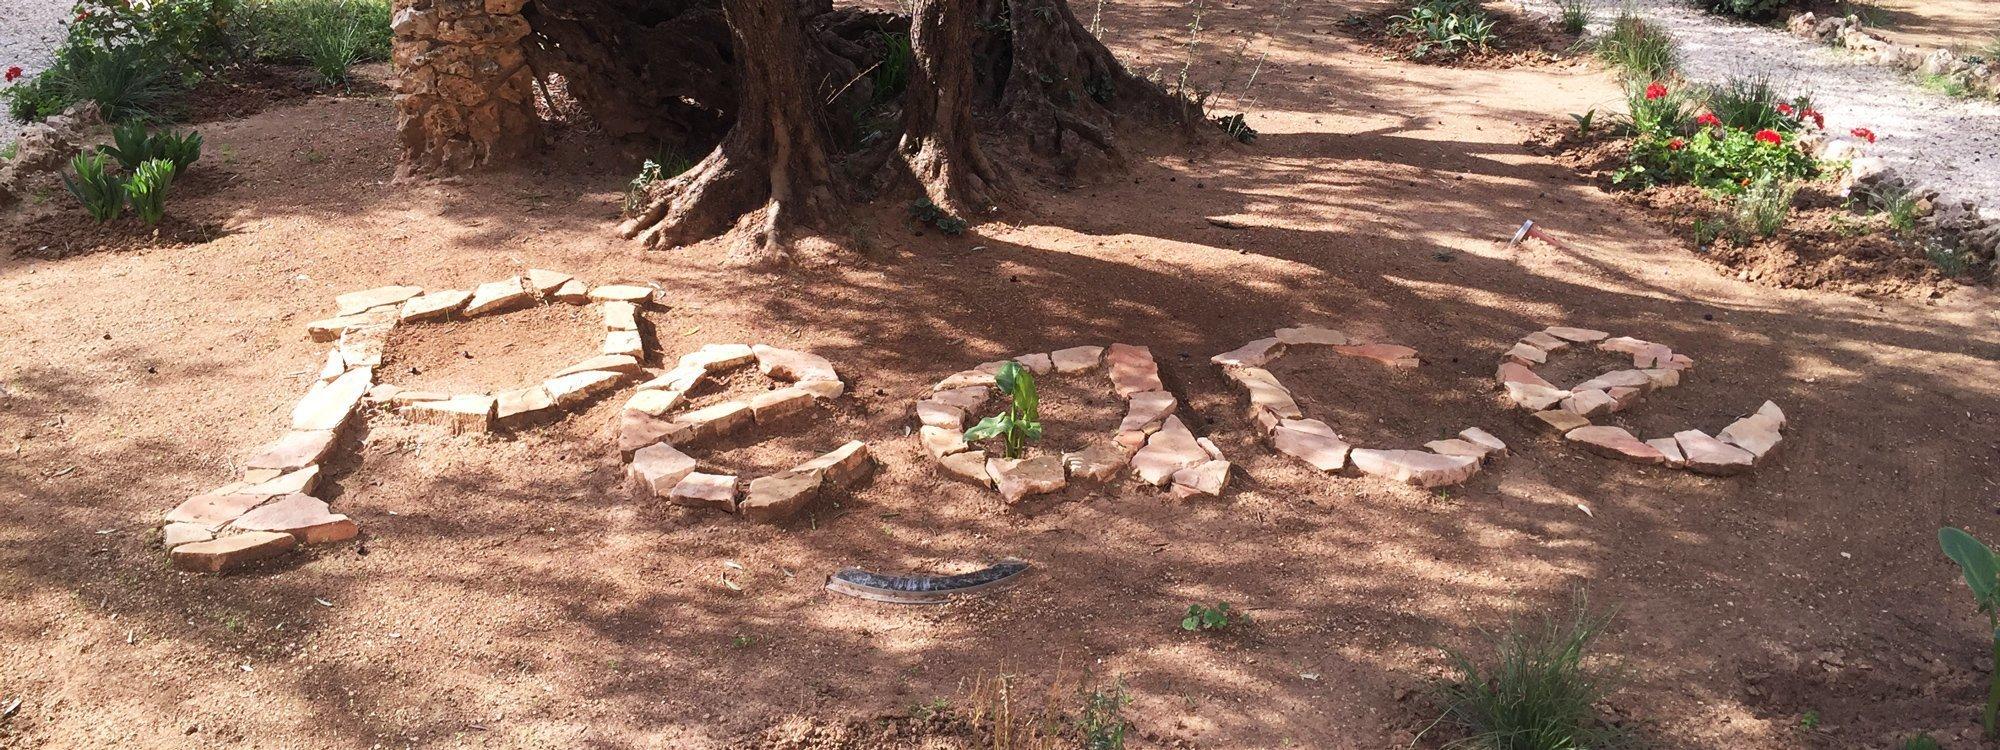 Peace skrivet på marken med stenar